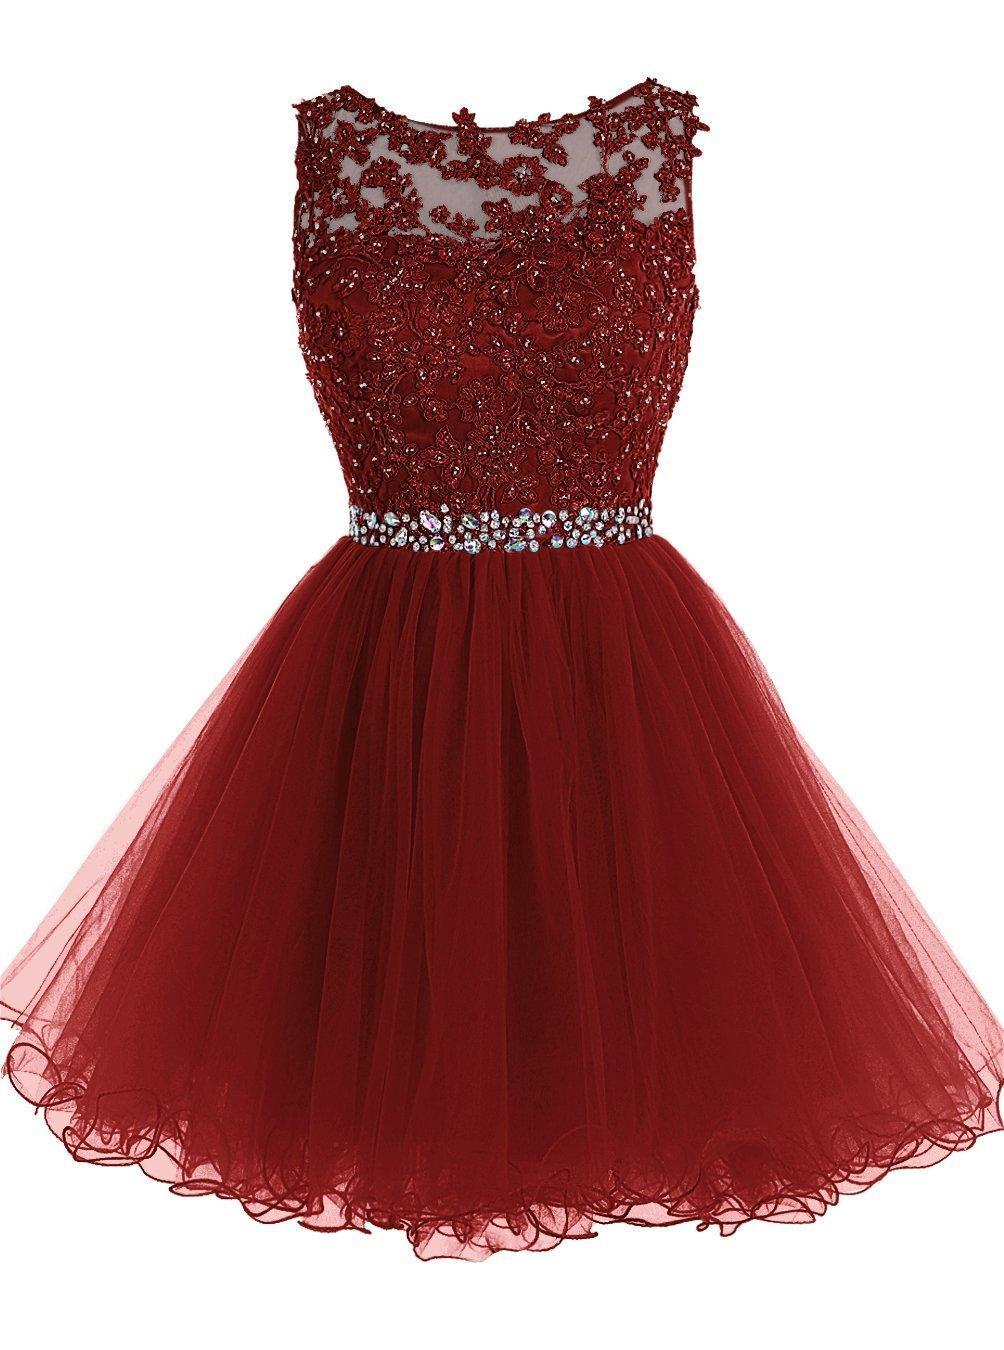 Doce 16 Vestidos Curtos de Baile Apliques de Renda com Miçangas de Cristal Inchado Vestidos de Festa de Coquetel de Tule Pequenas Vestidos de Baile de Formatura Preta